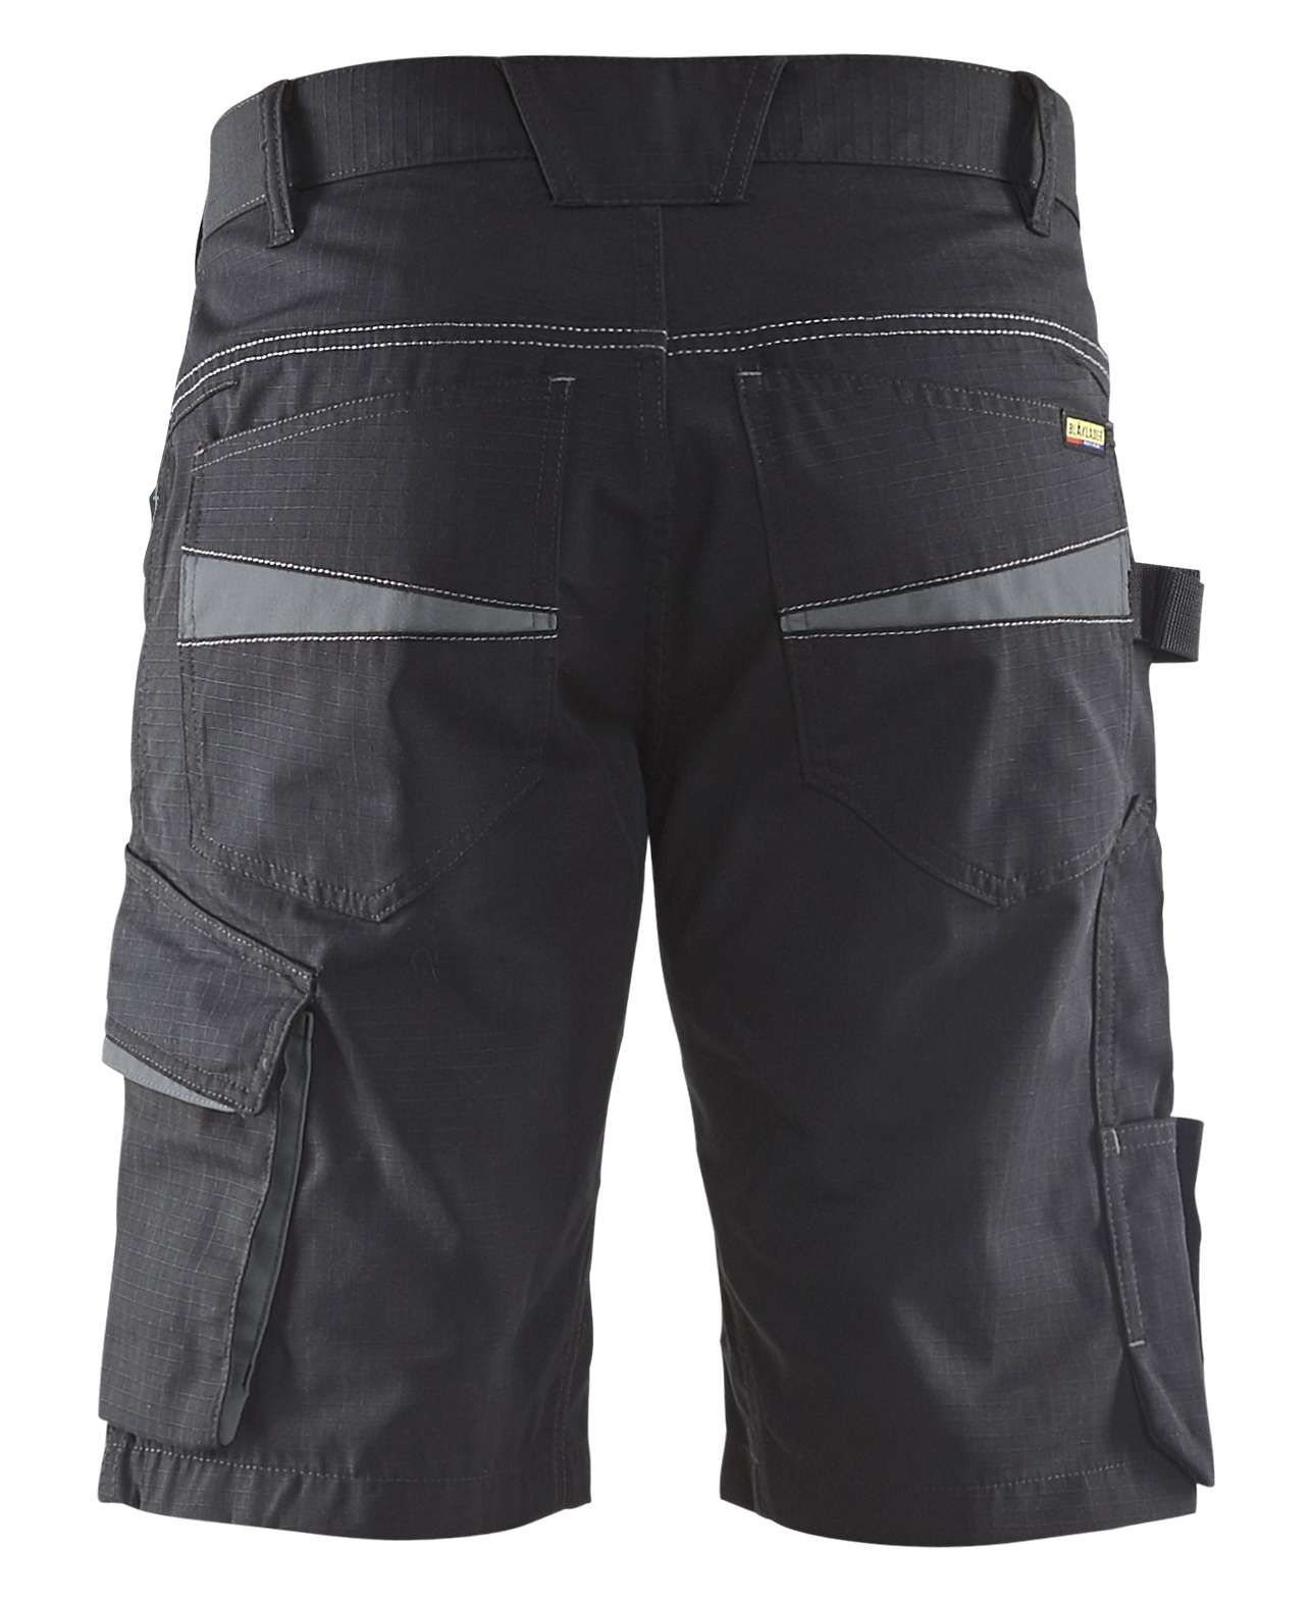 Blaklader Broeken 14991330 zwart-grijs(9998)